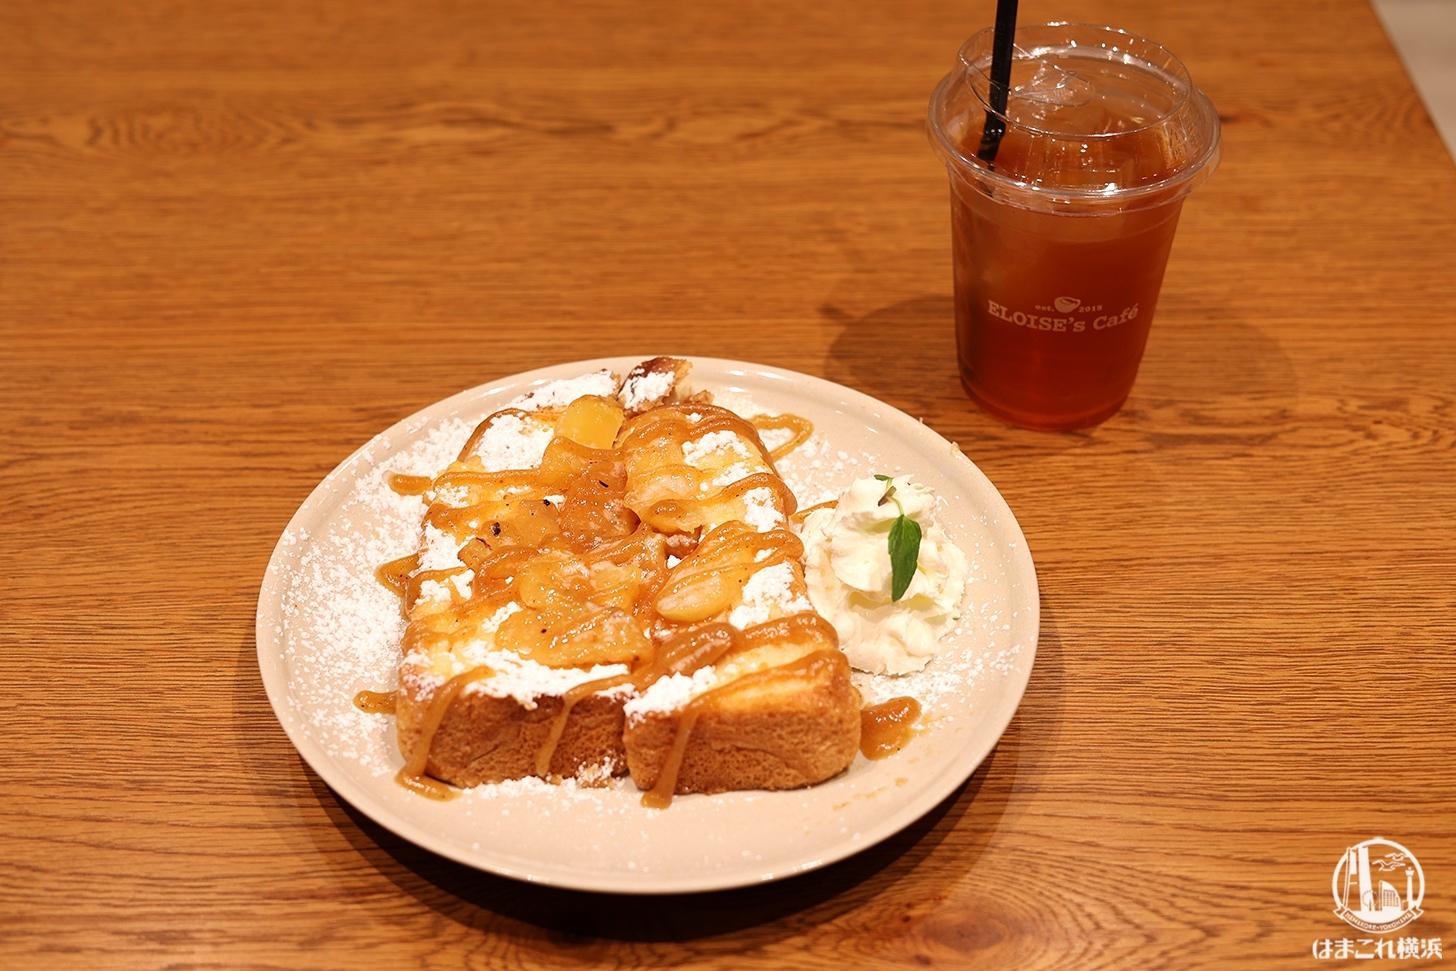 アップルシナモンフレンチトースト